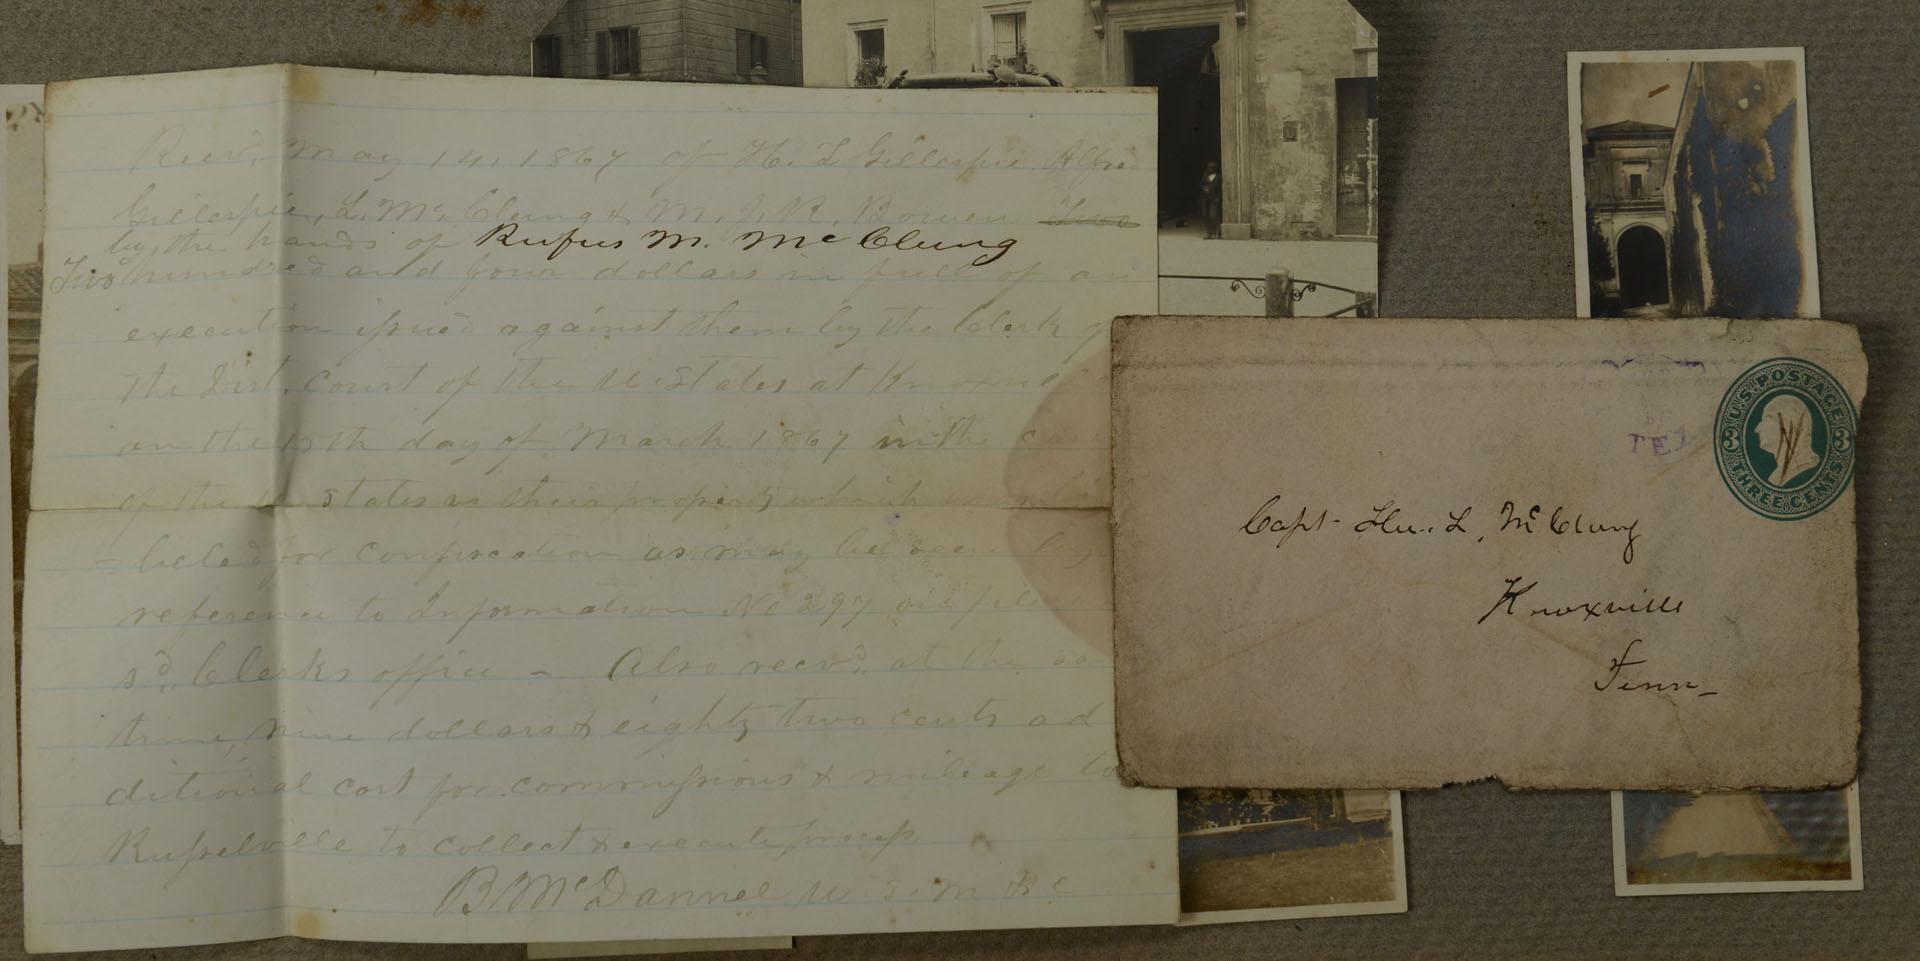 Ellen McClung Berry Archive